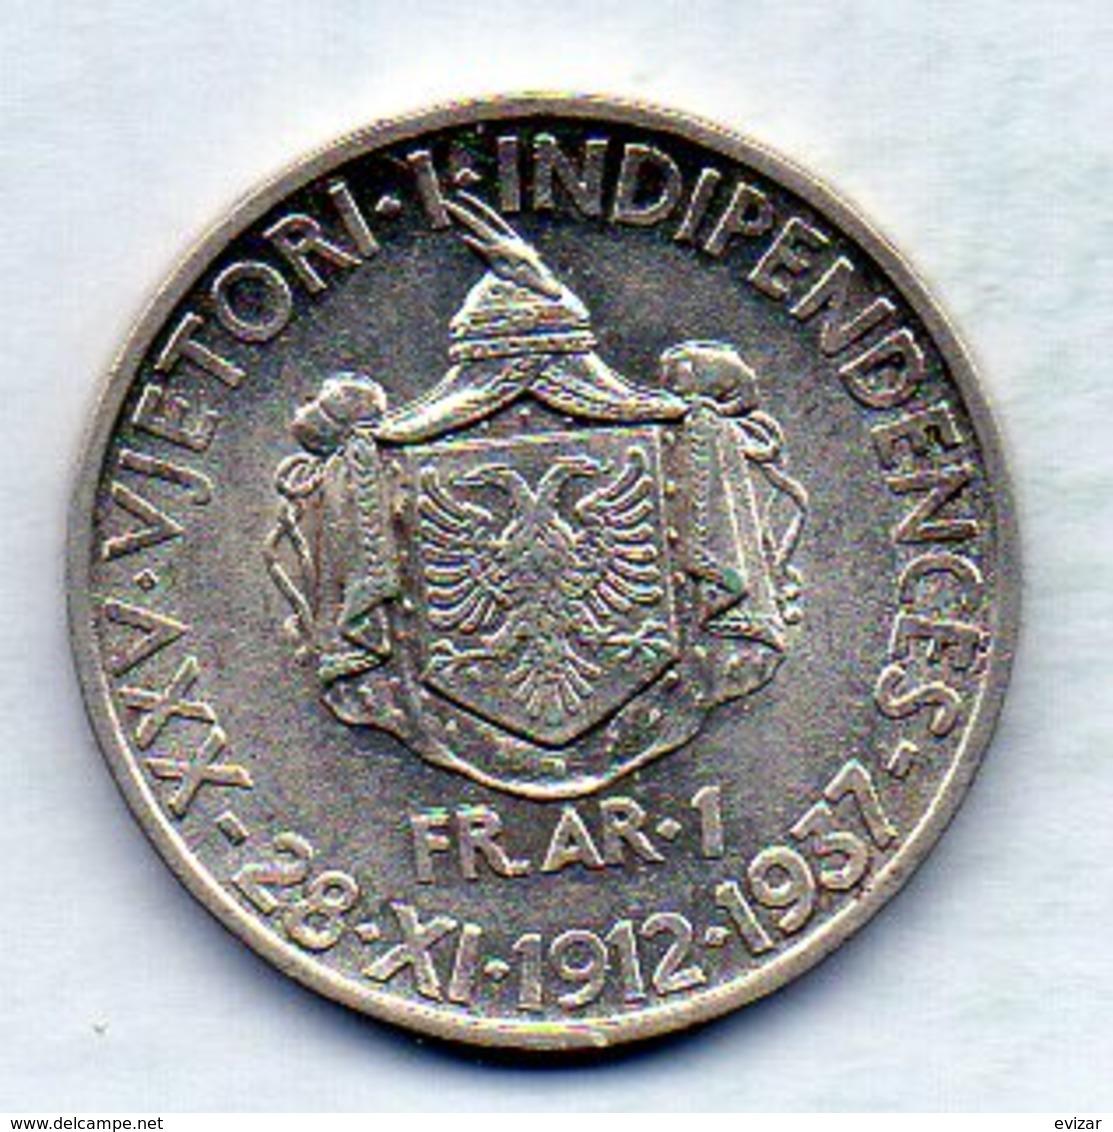 Coin ALBANIA, 1 Frang-Ar, Silver, Year 1937, KM #18 - Albania